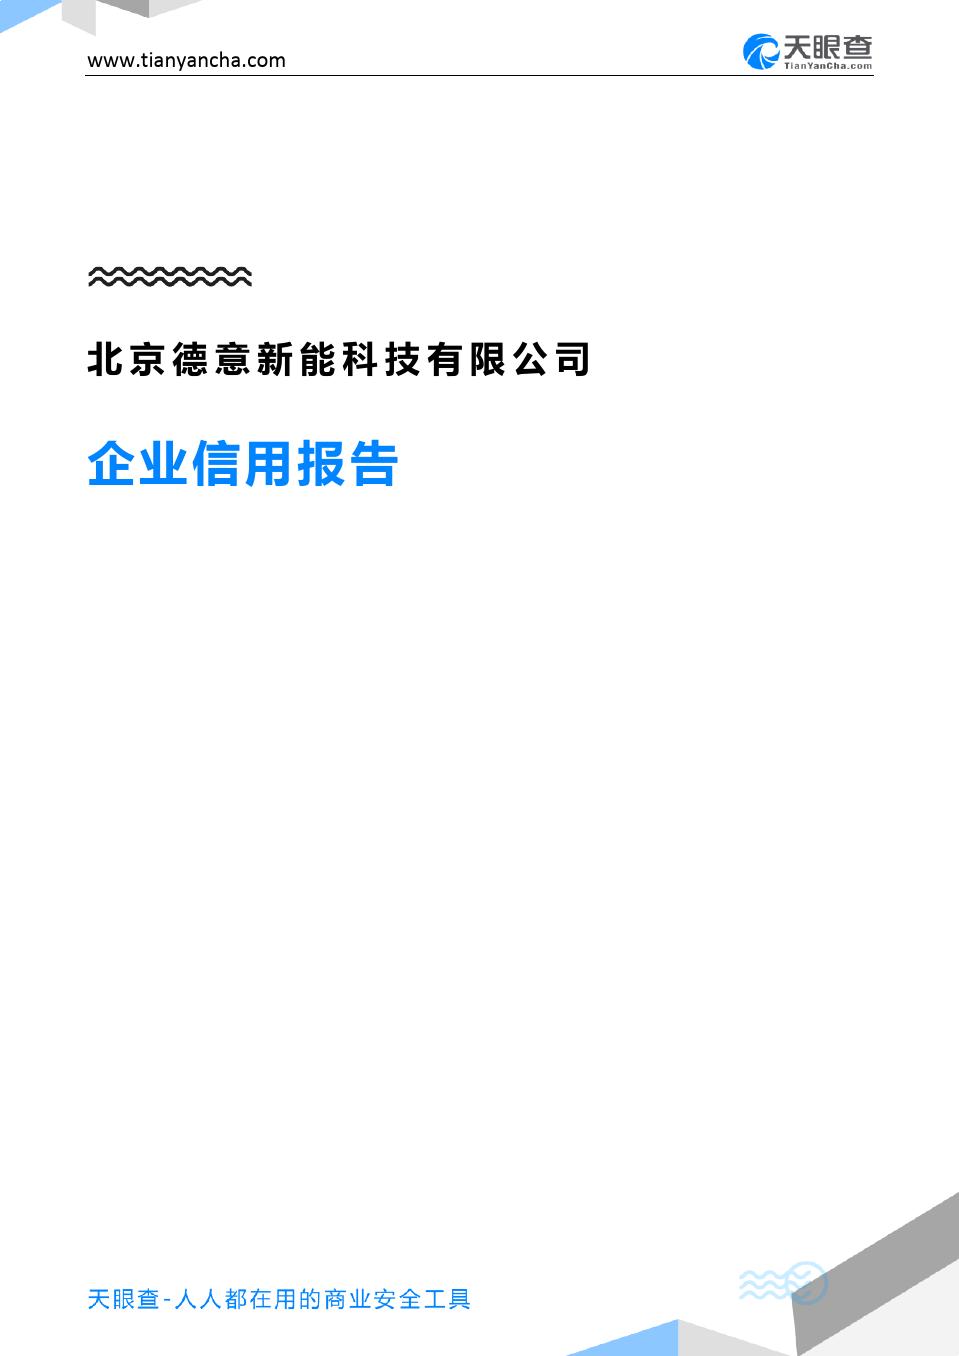 北京德意新能科技有限公司企业信用报告-天眼查